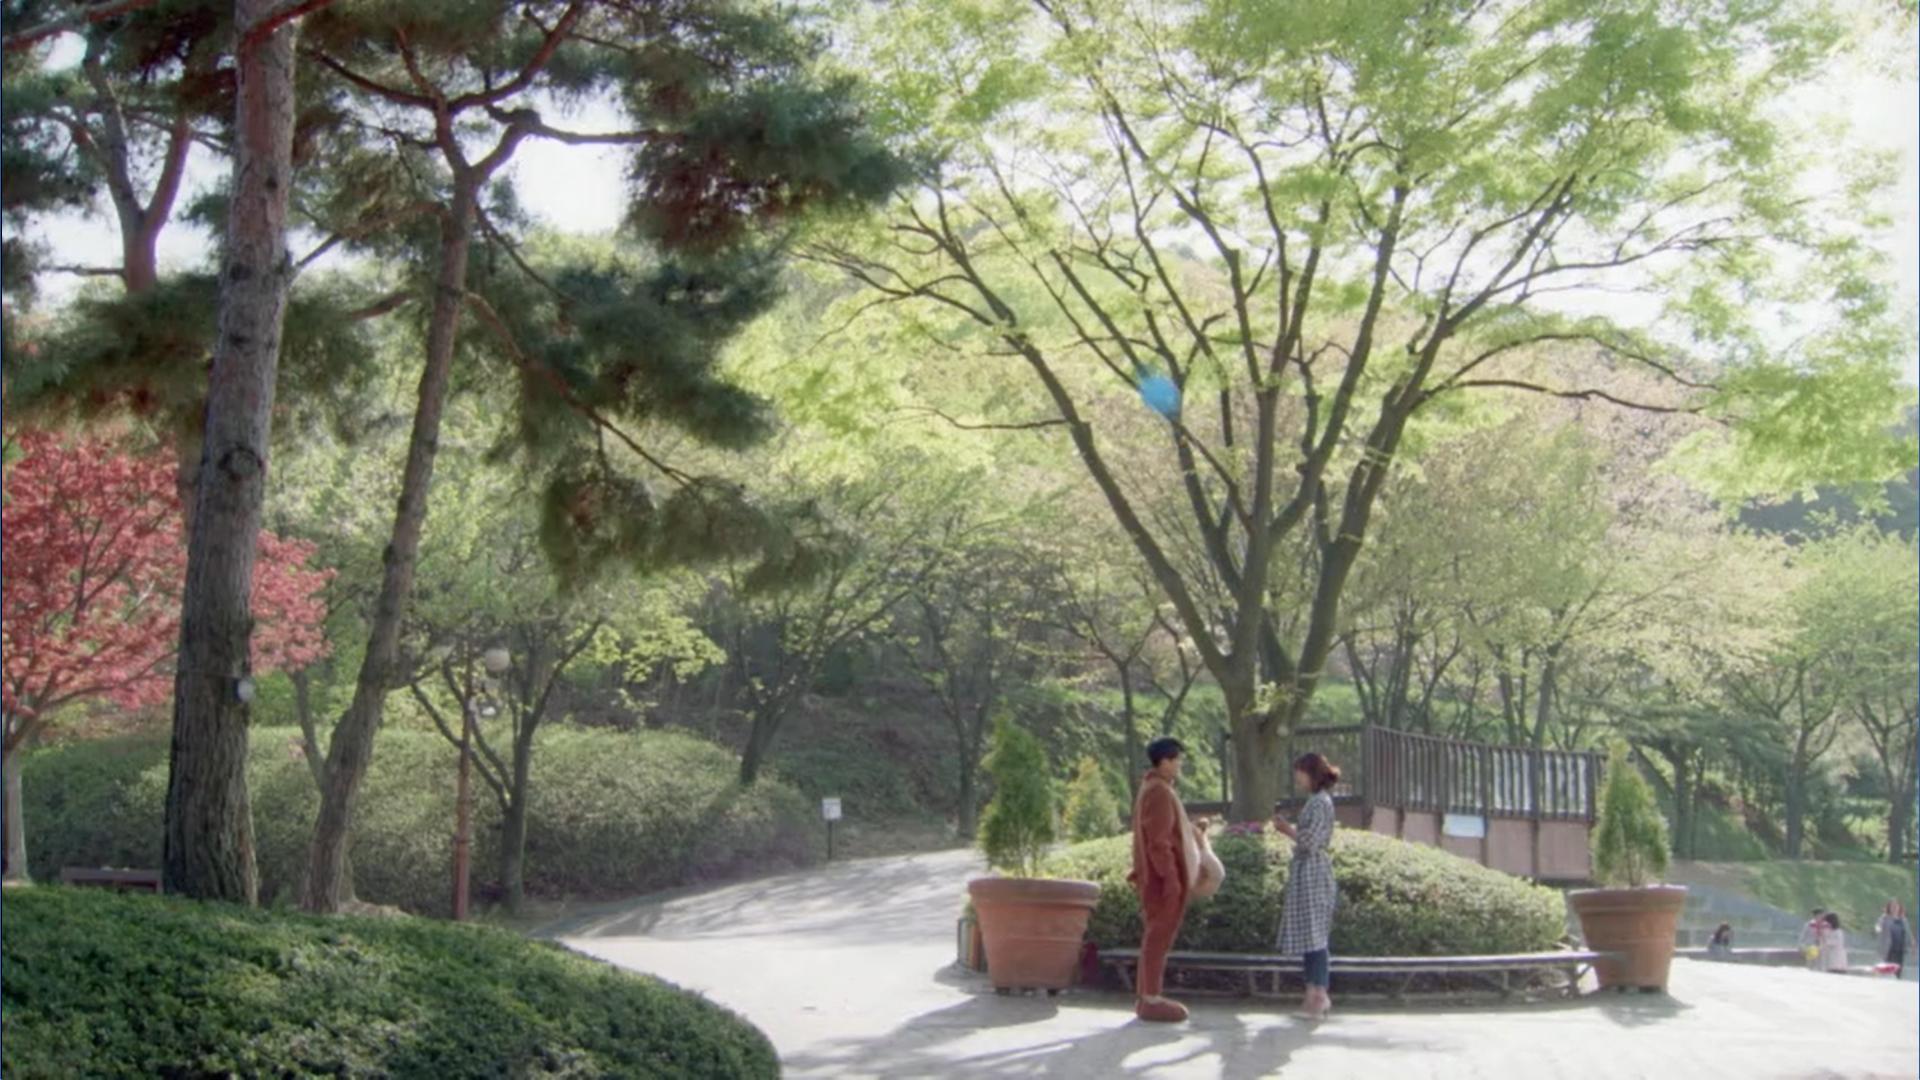 Wednesday 3:30 PM Baek Seung-gyu and Seon Eun-woo on Wednesday at 3:30 PM